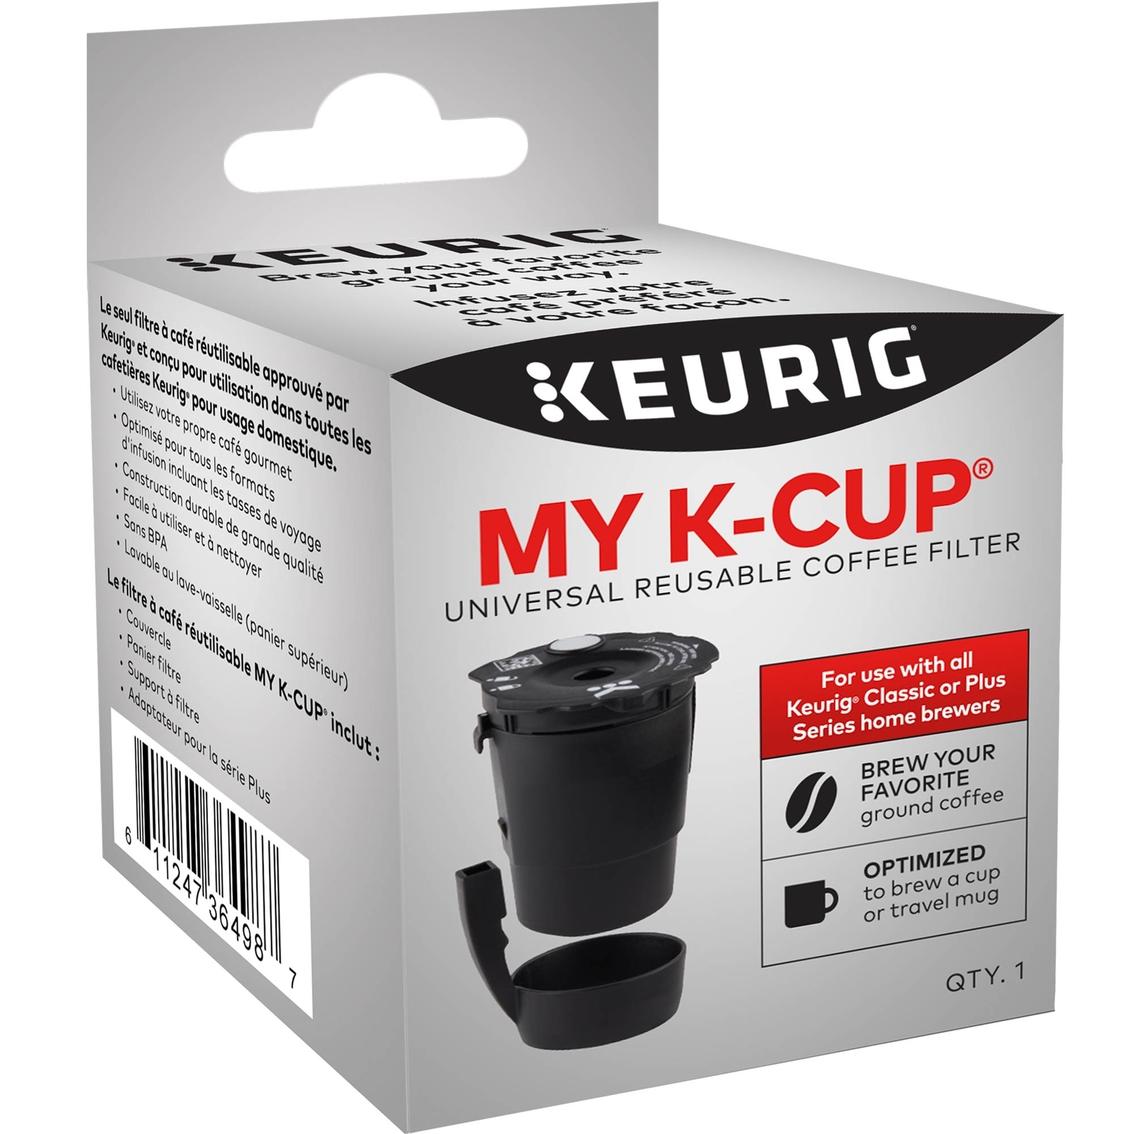 Keurig My K-cup Universal Reusable Filter   Beverages & Coffee